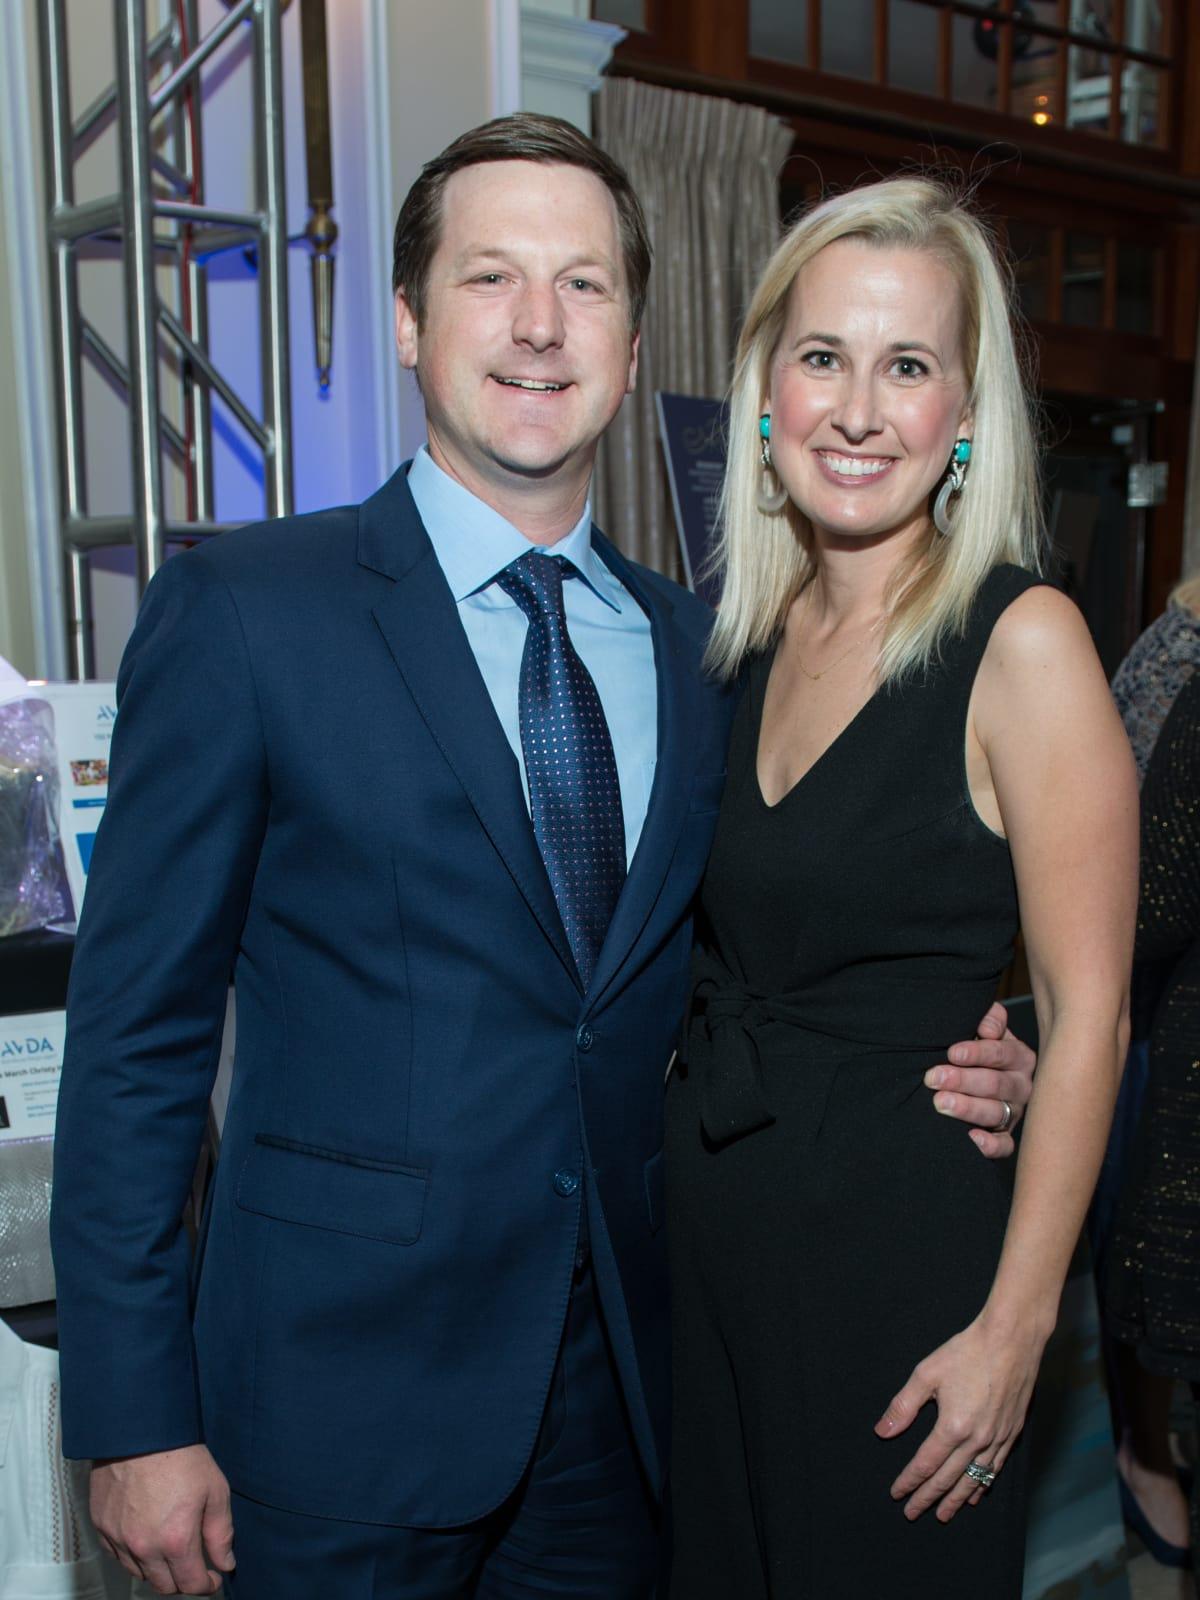 Preston and Meg Kamin at AVDA Gala